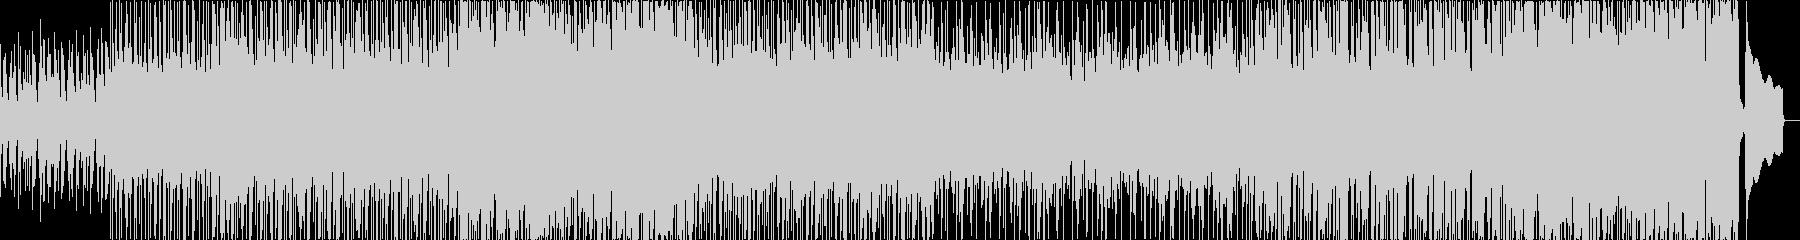 ウクレレ、アップテンポ、日常系BGMの未再生の波形